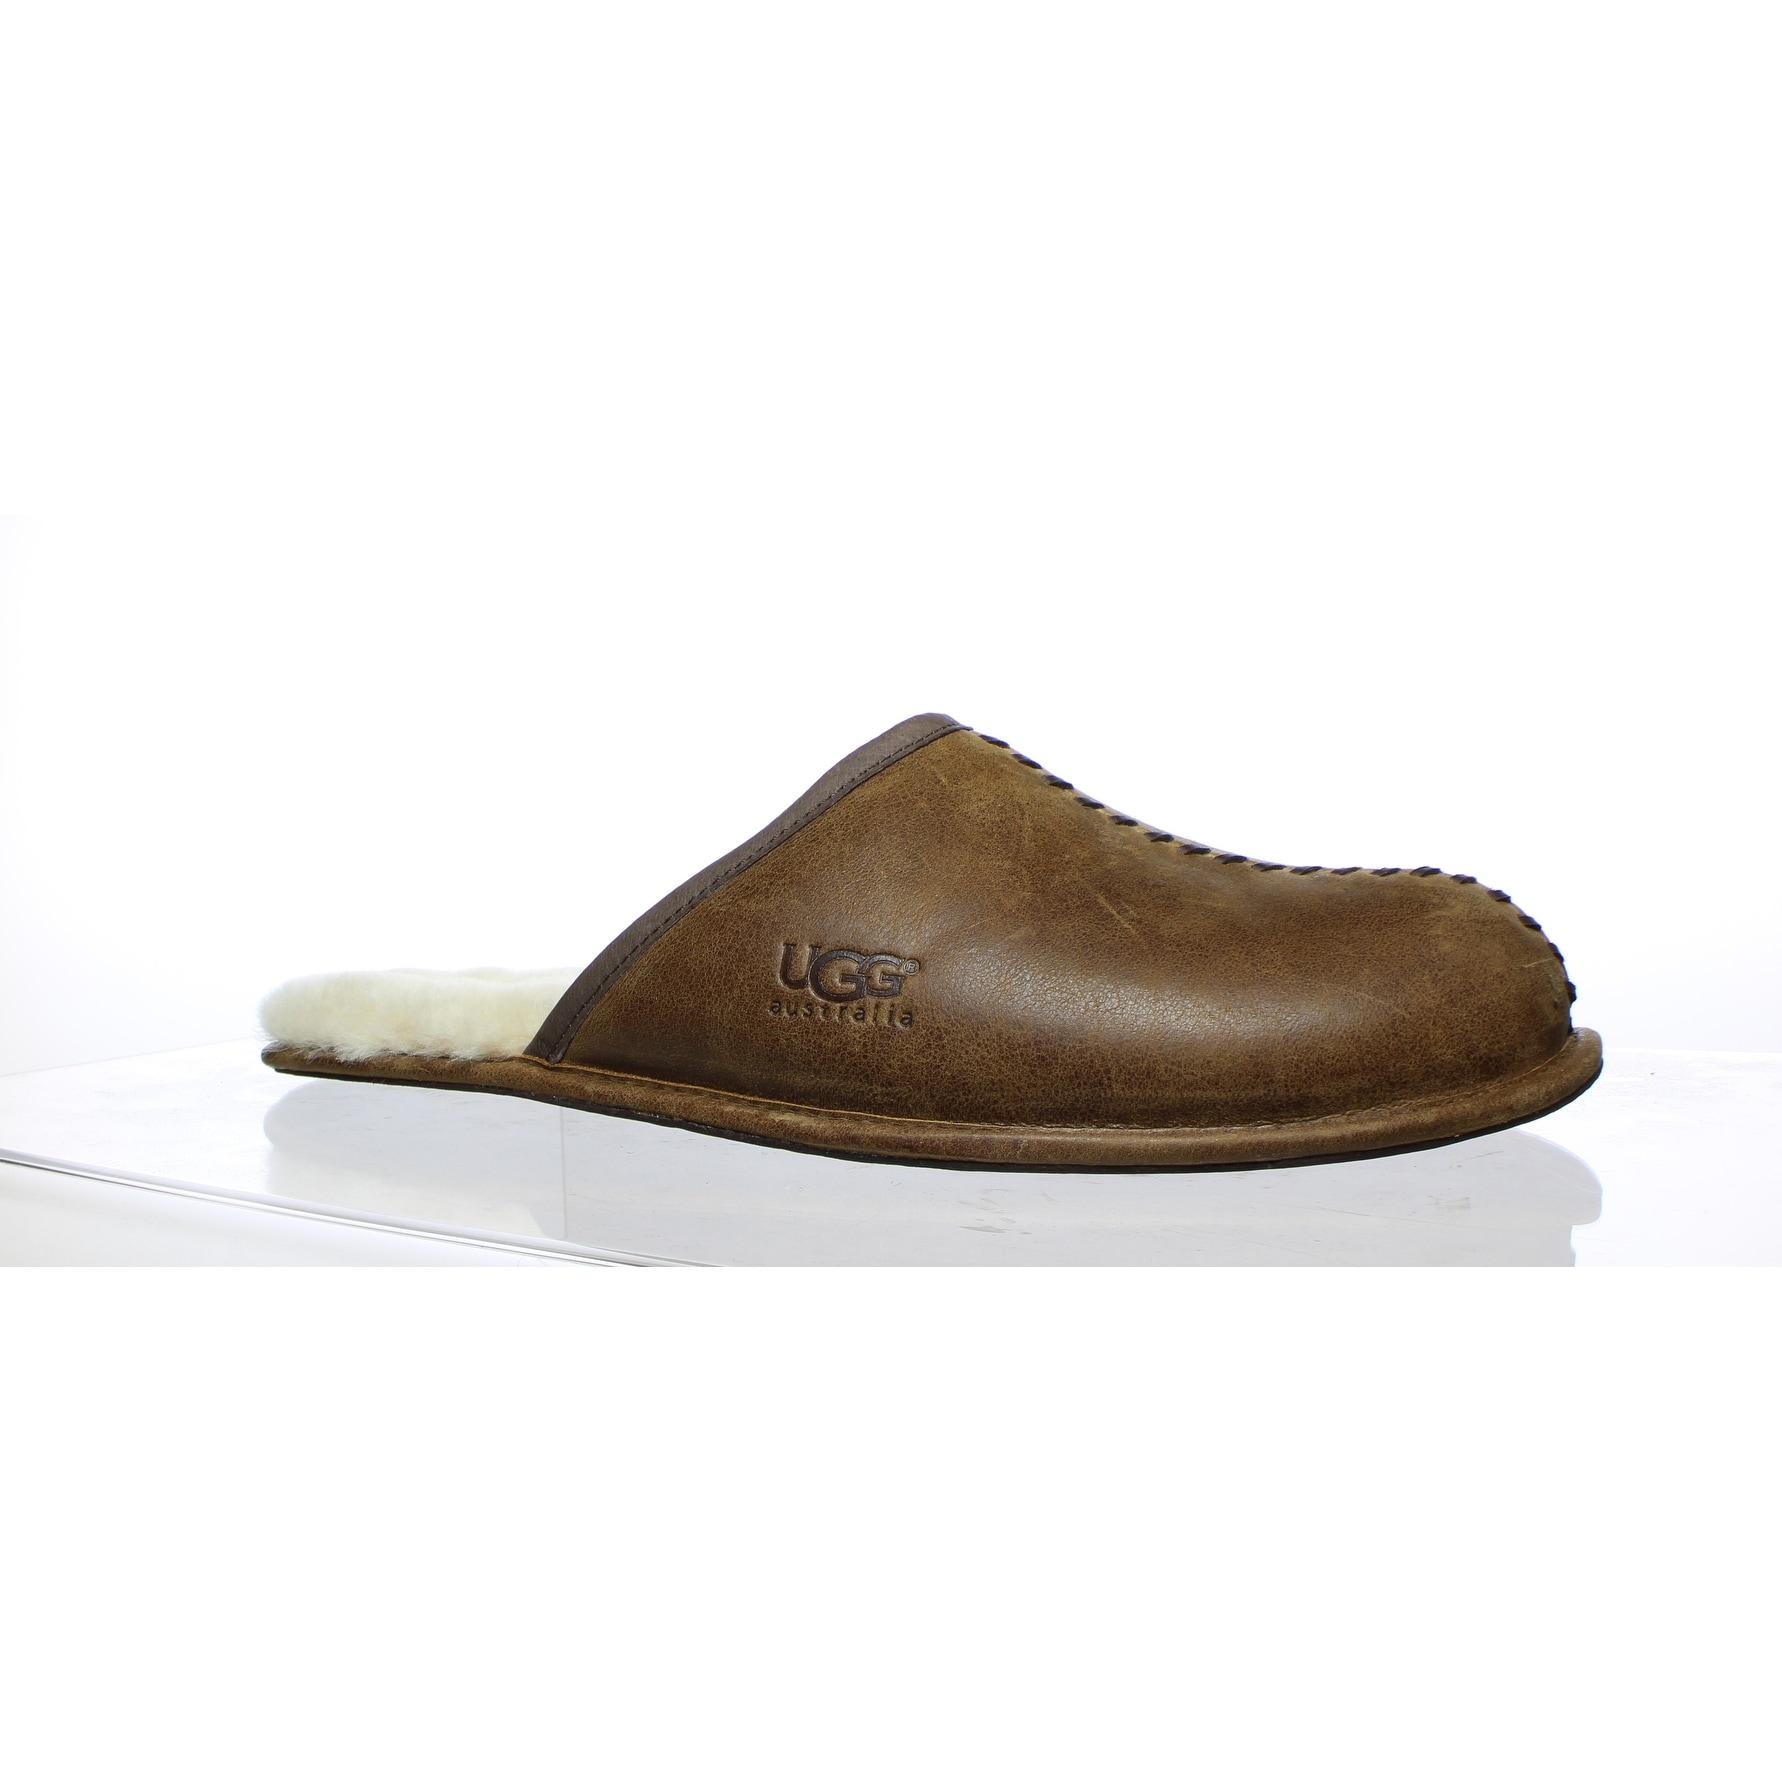 571a298c3a0 UGG Mens Scuff Deco Chestnut Mule Slippers Size 18